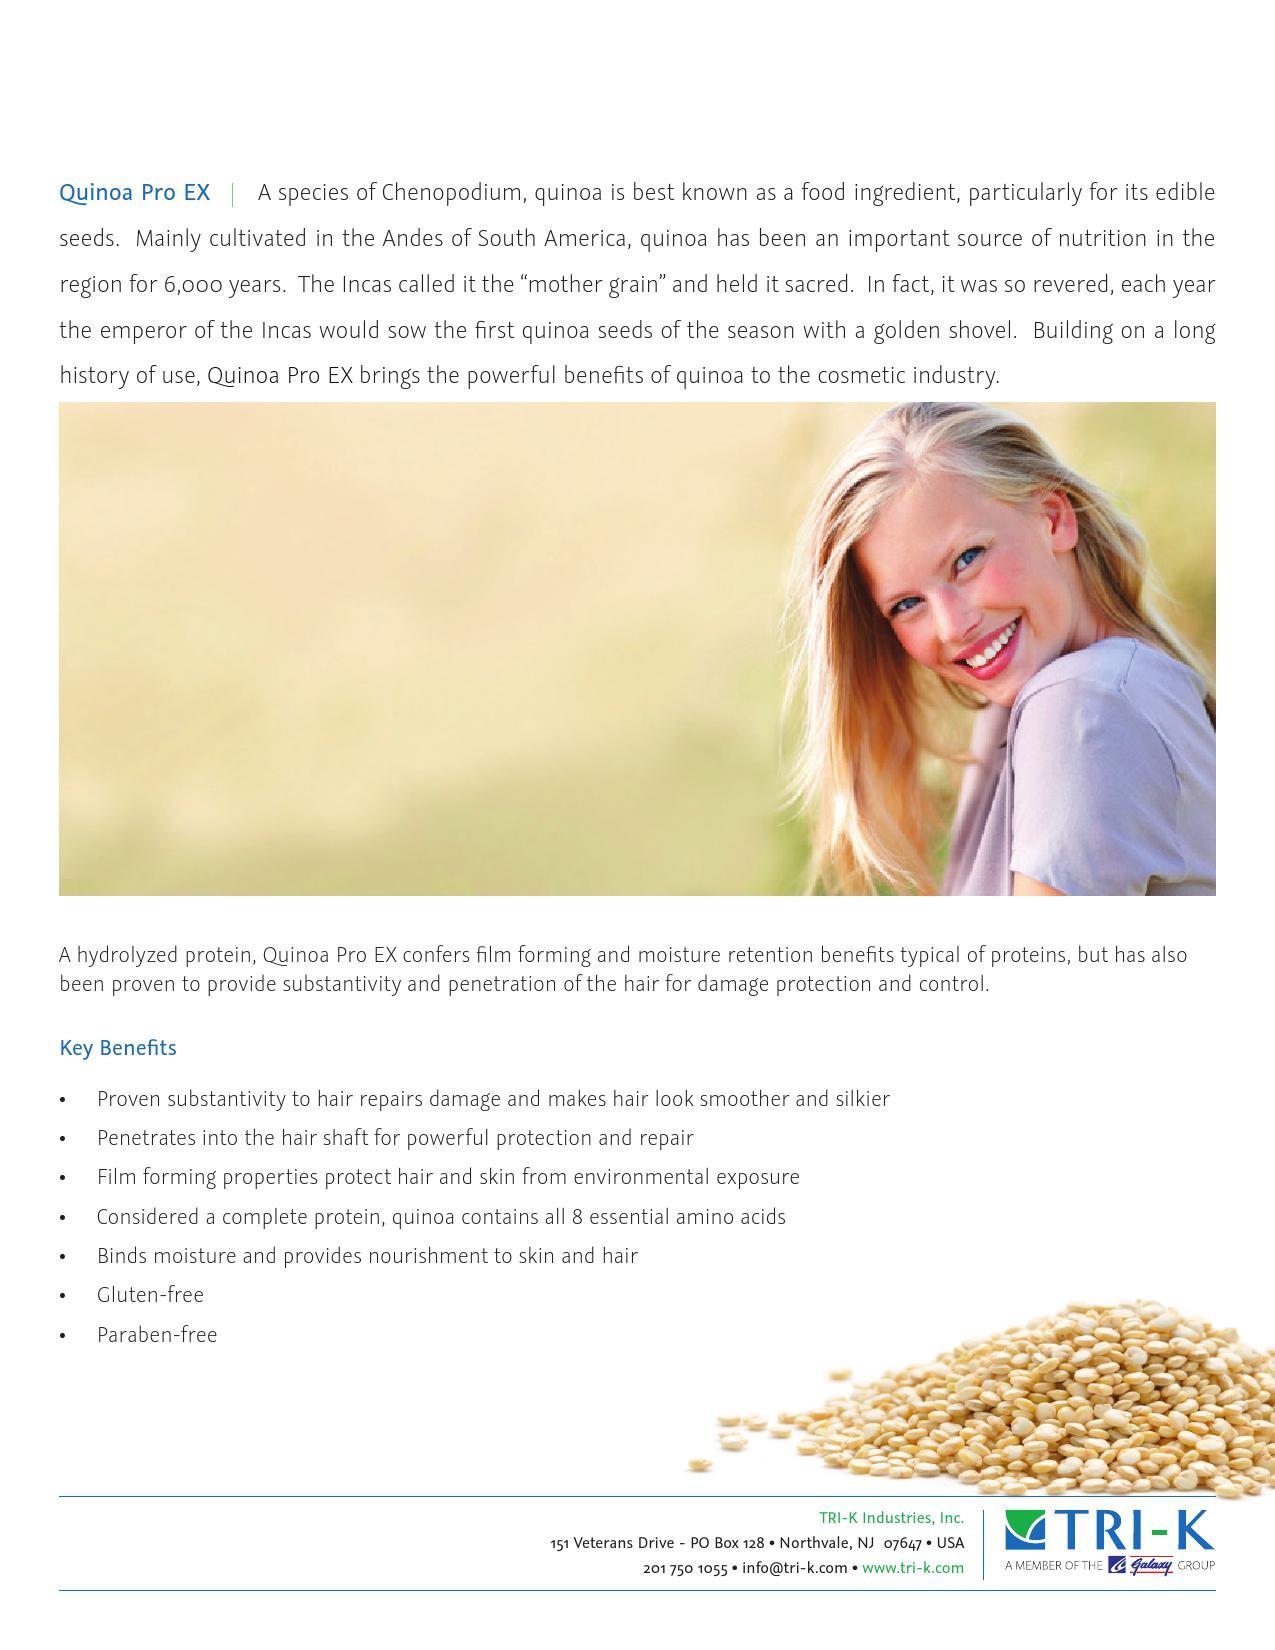 quinoa-pro-ex-brochure-9-10-000001.jpg